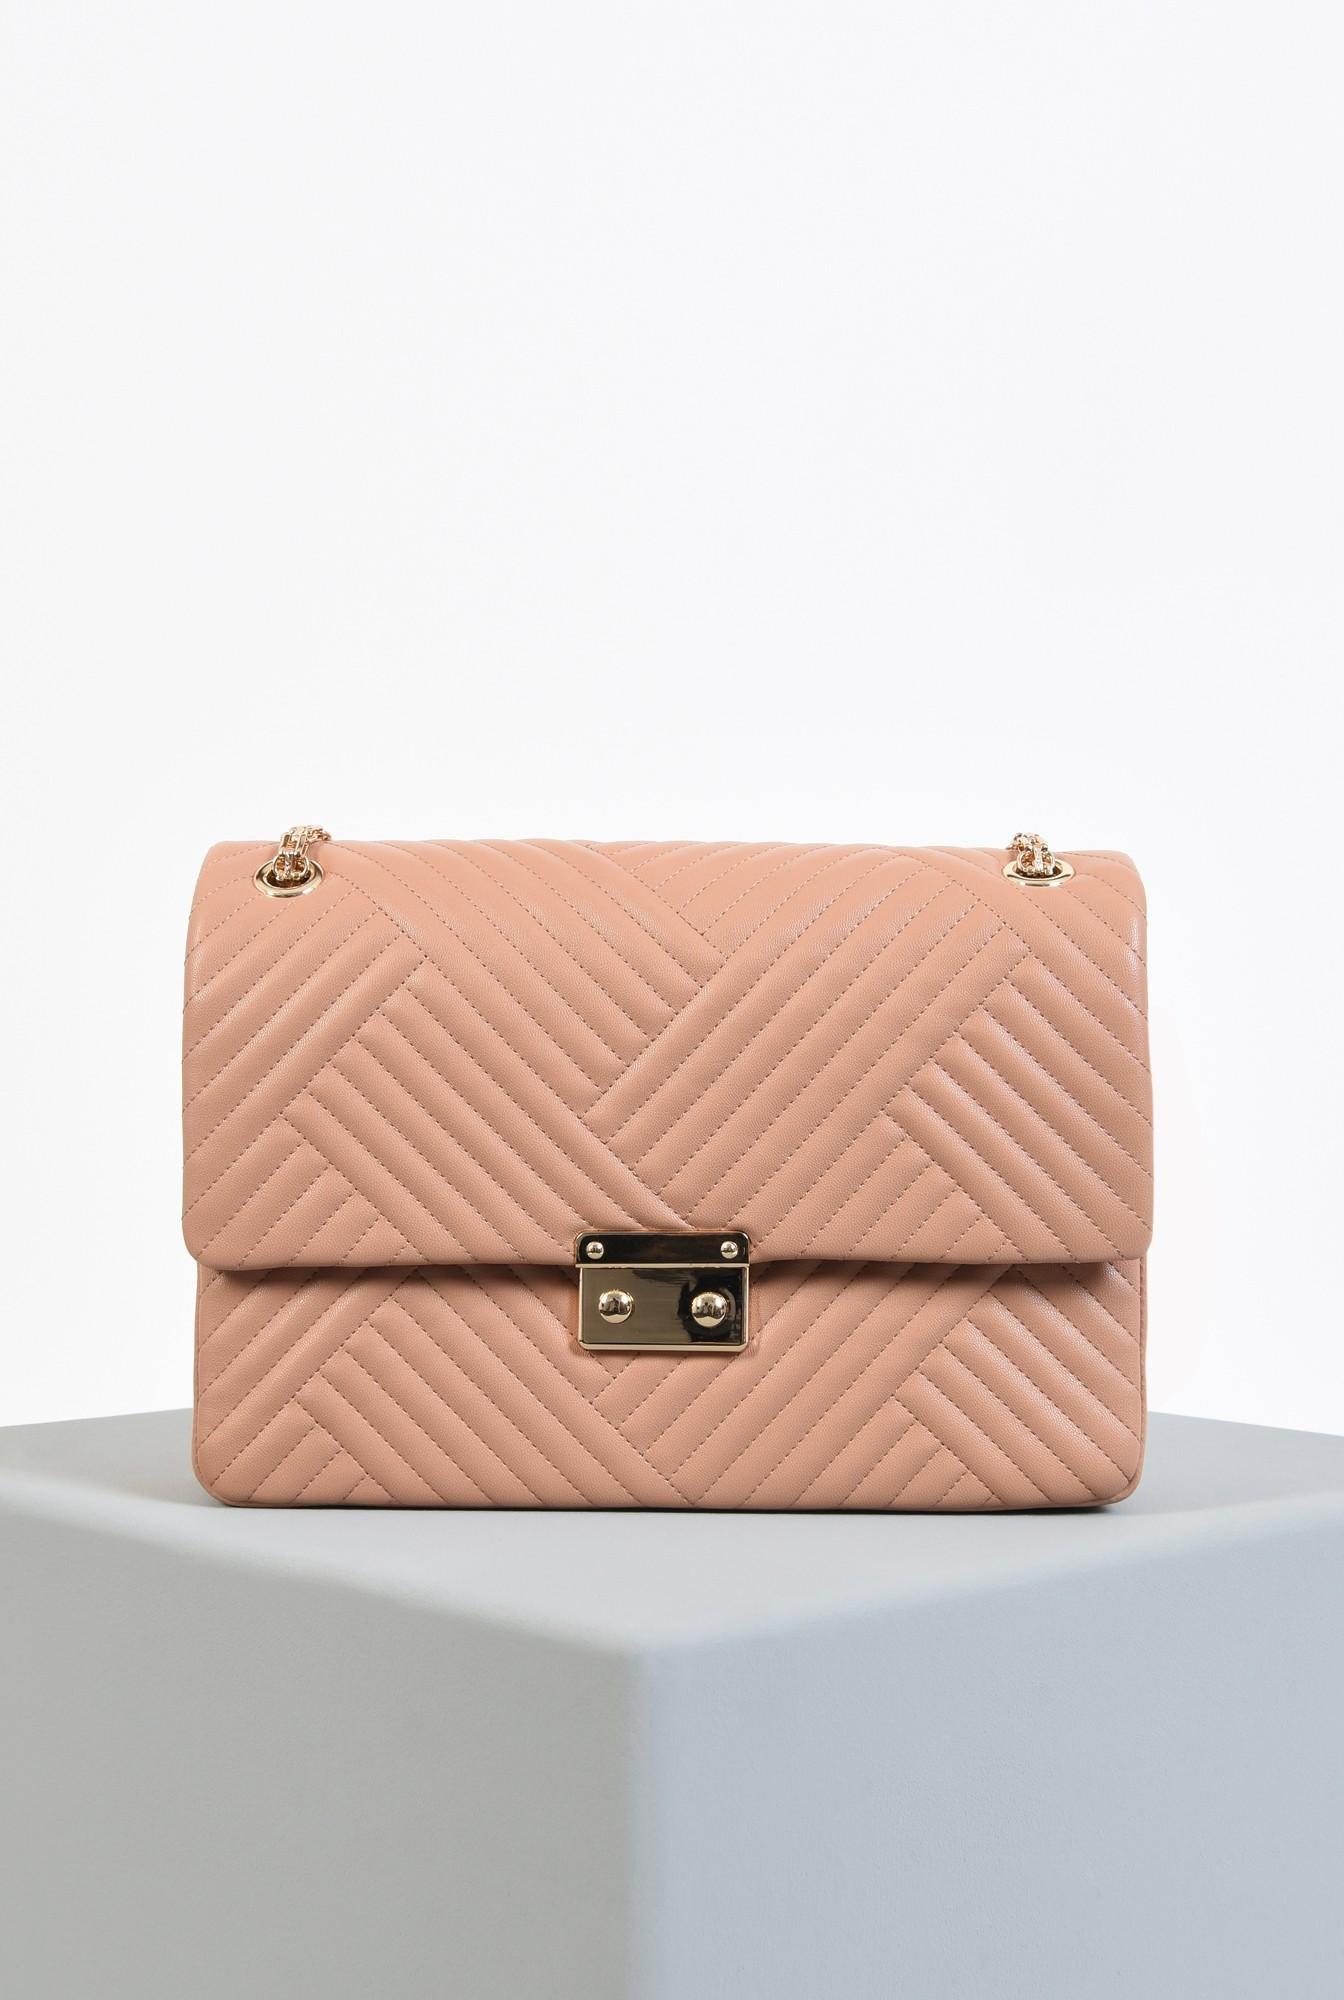 0 - geanta din piele ecologica, roz nude, cu lant, detalii metalice aurii, geanta de umar